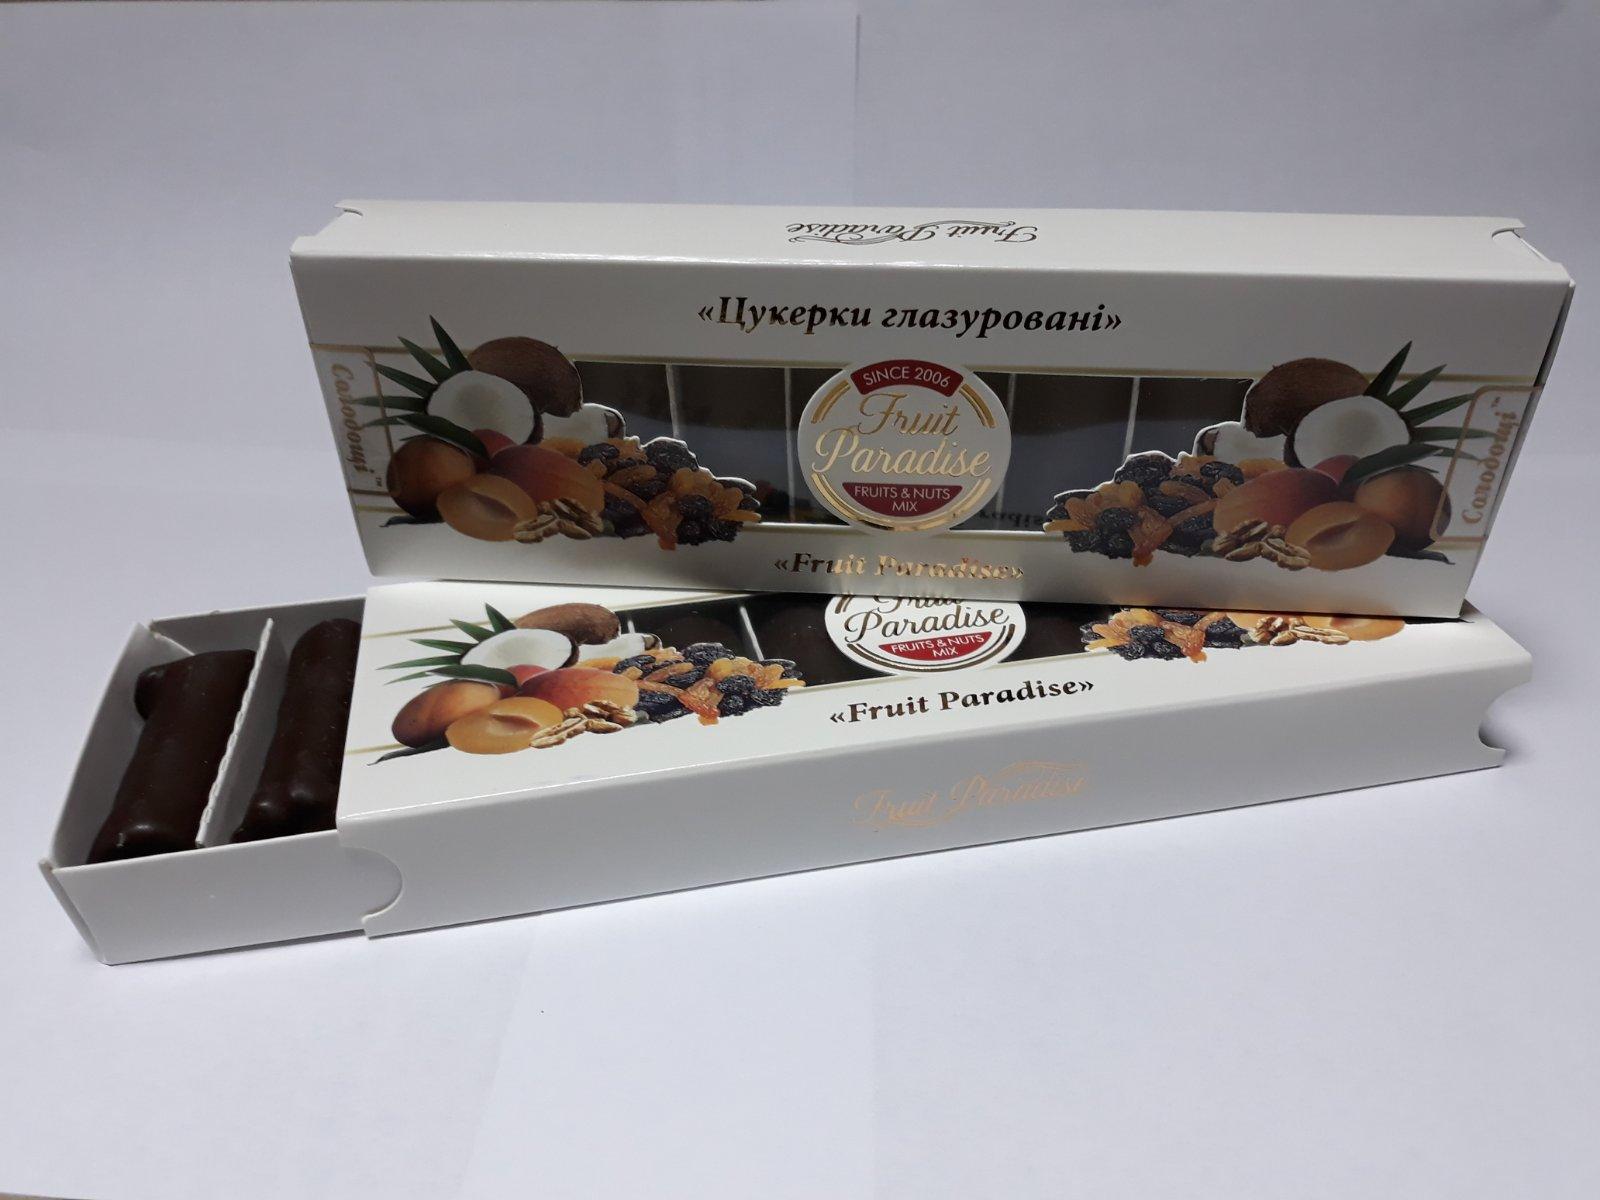 Купити подарункові шоколадні цукерки оптом пропонує наша компанія!